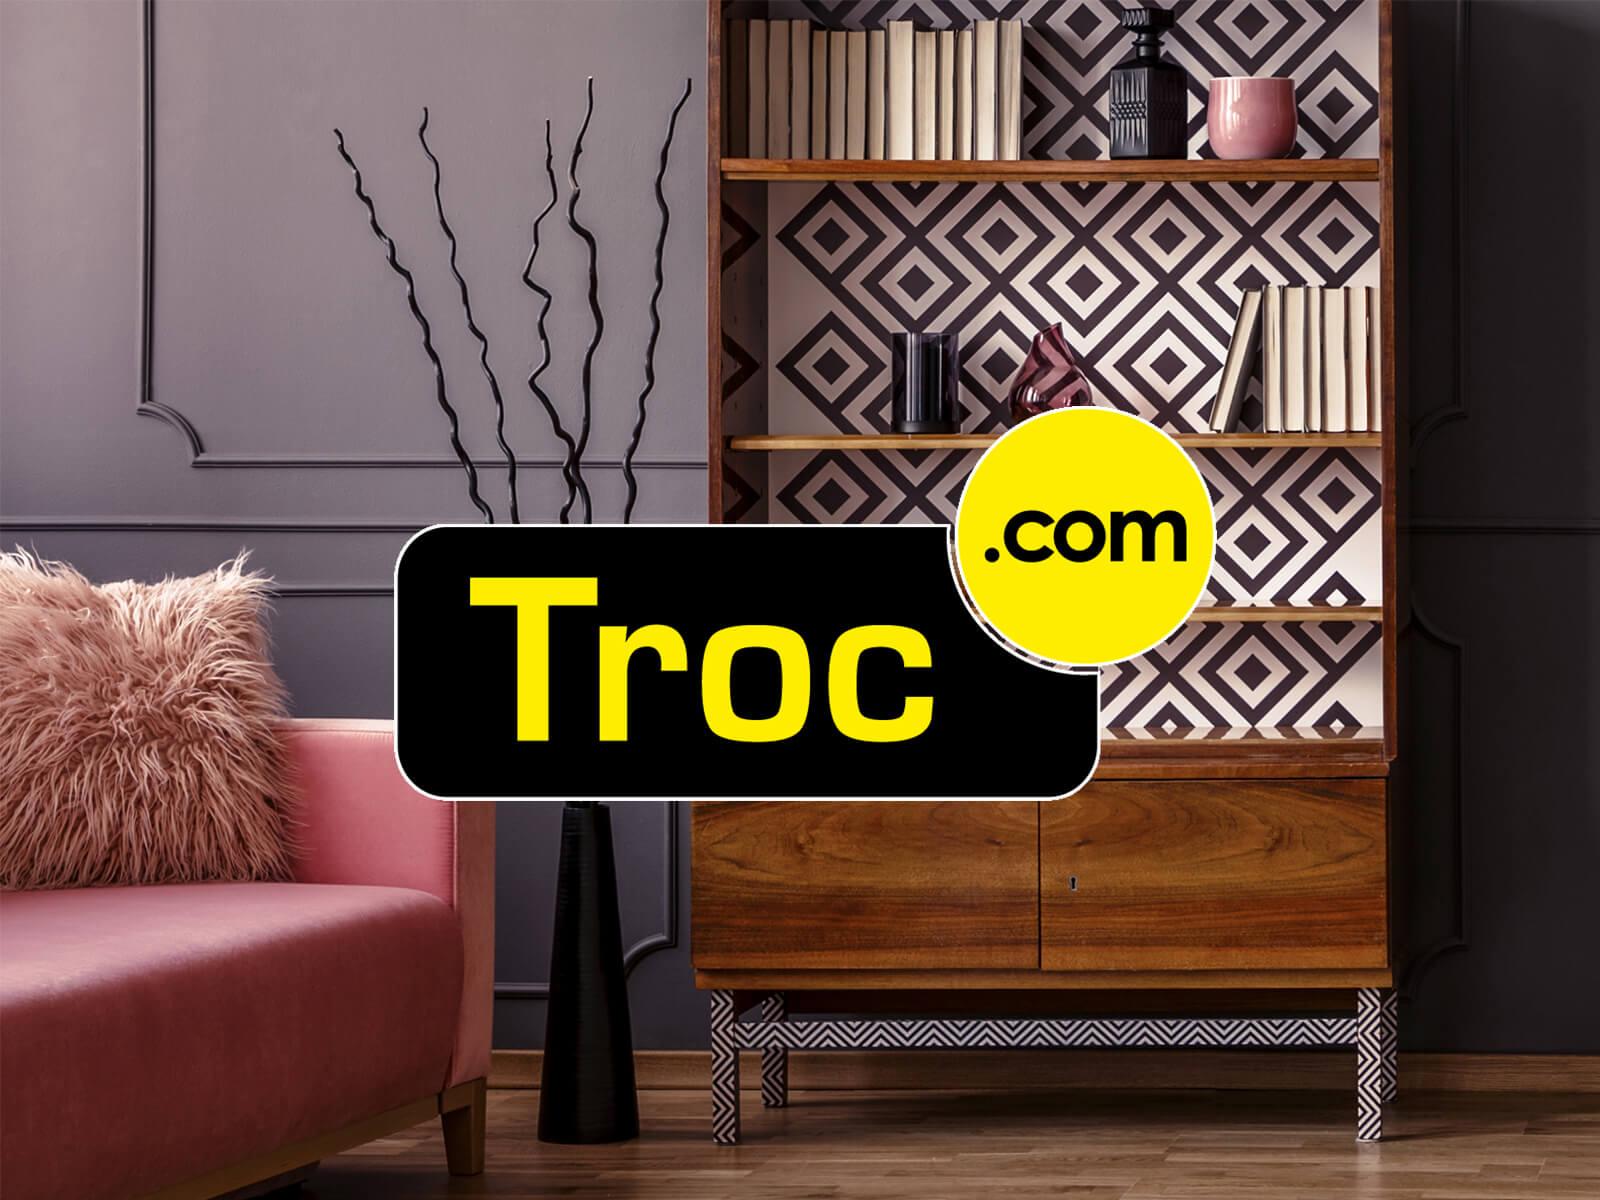 Achat Meubles D'occasion Et Mobilier Professionnel Sur Troc encequiconcerne Le Bon Coin Mobilier De Jardin